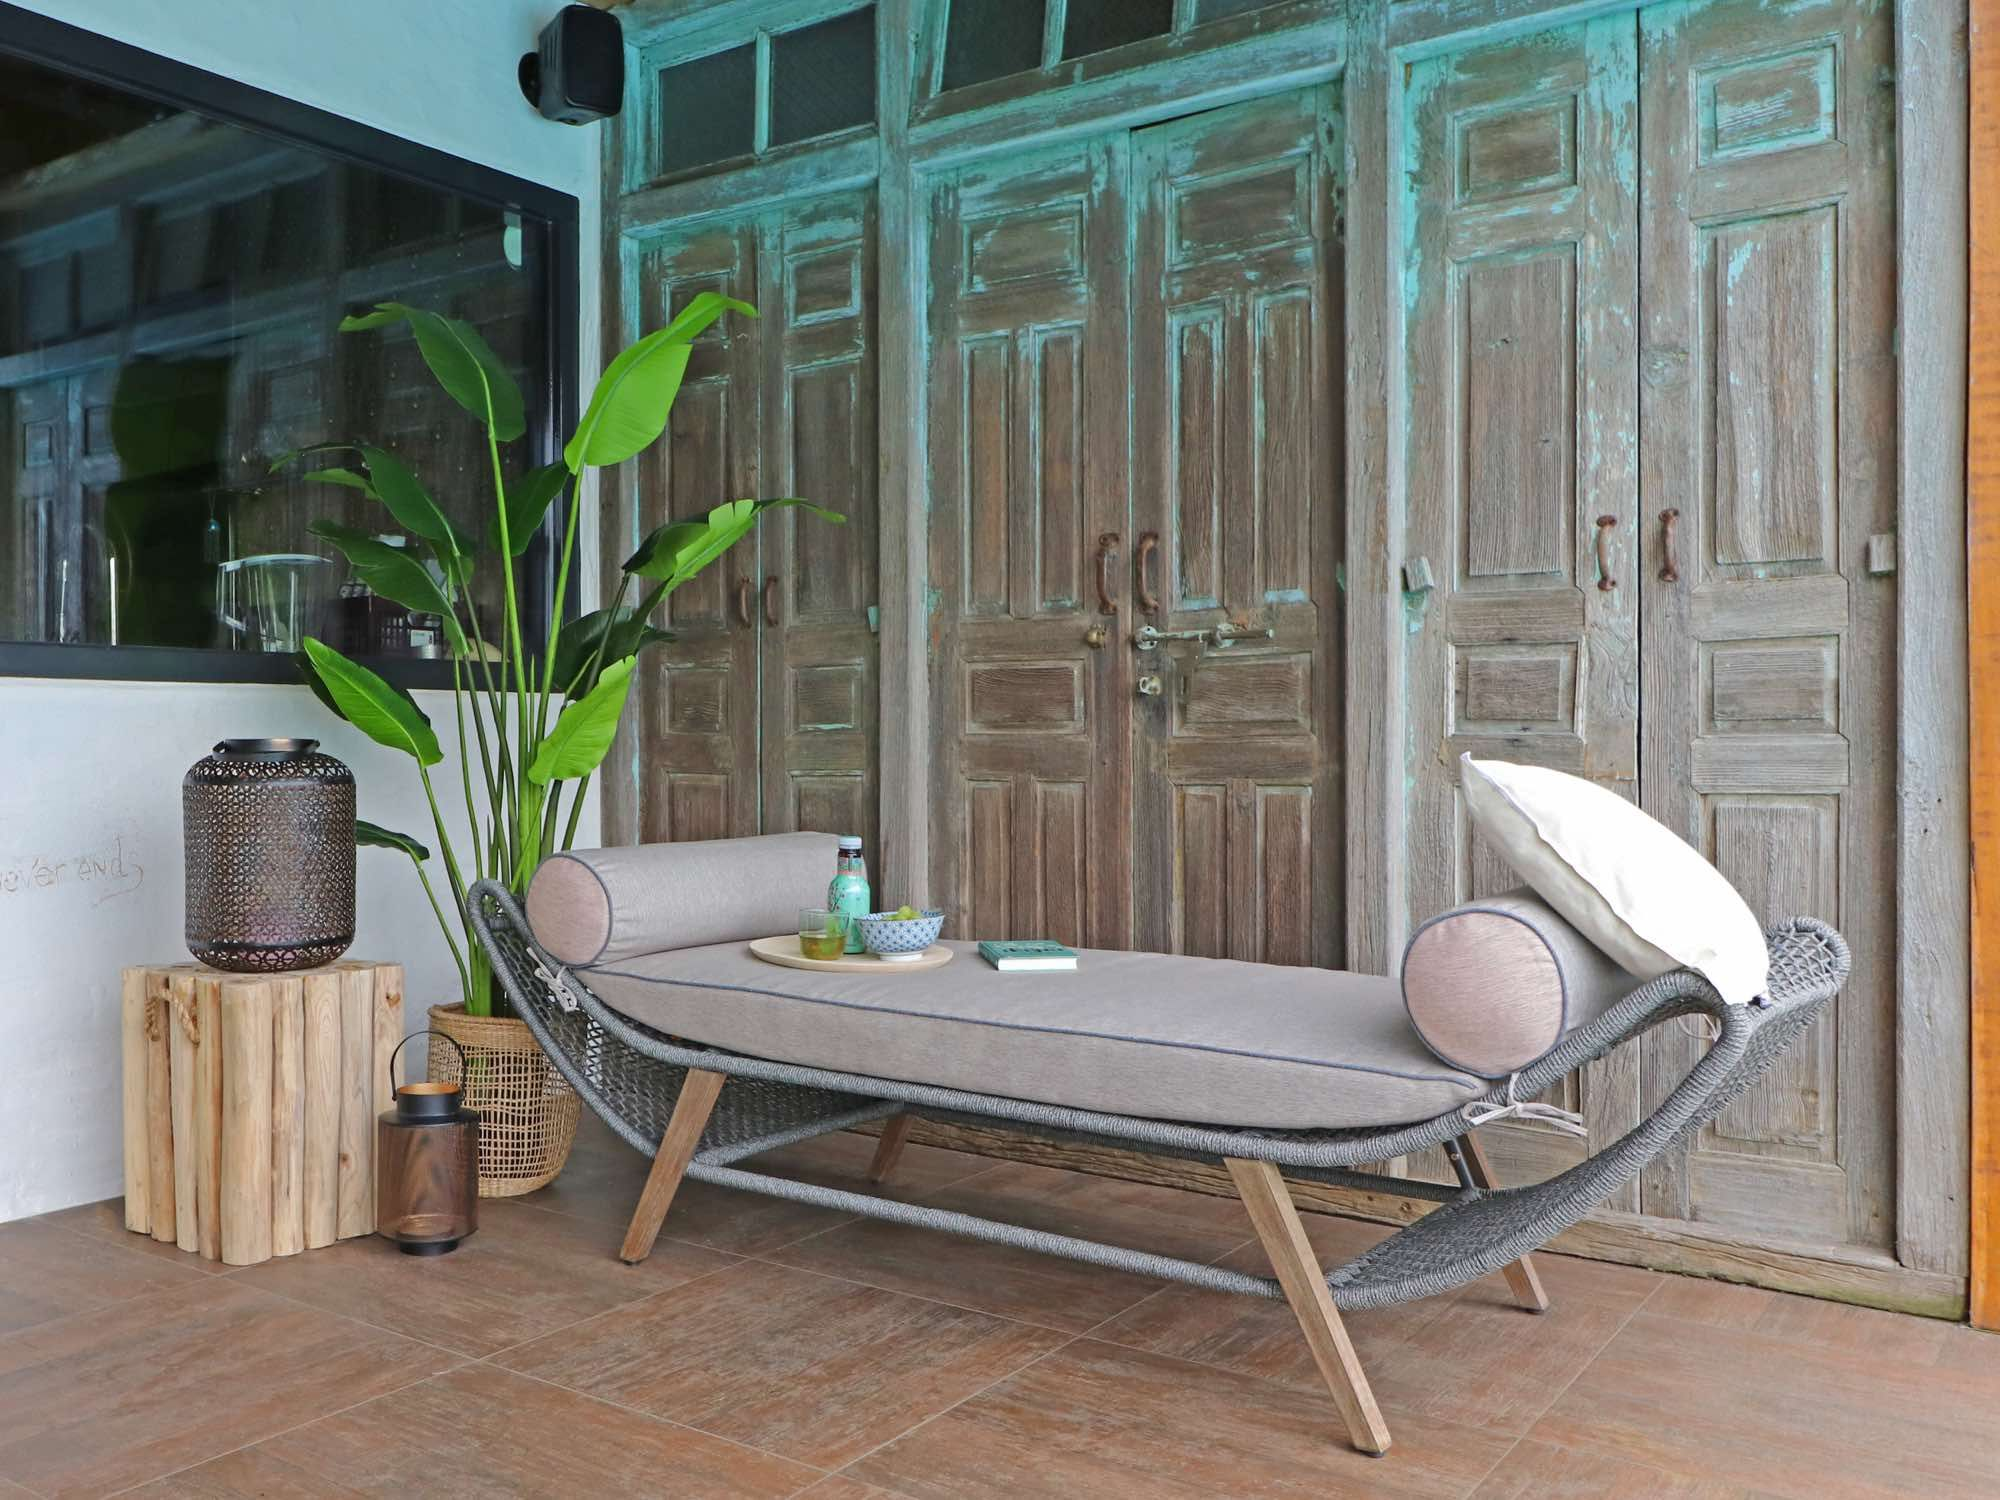 Luxe ligbed voor in de tuin ibiza style garden tuinmeubelen